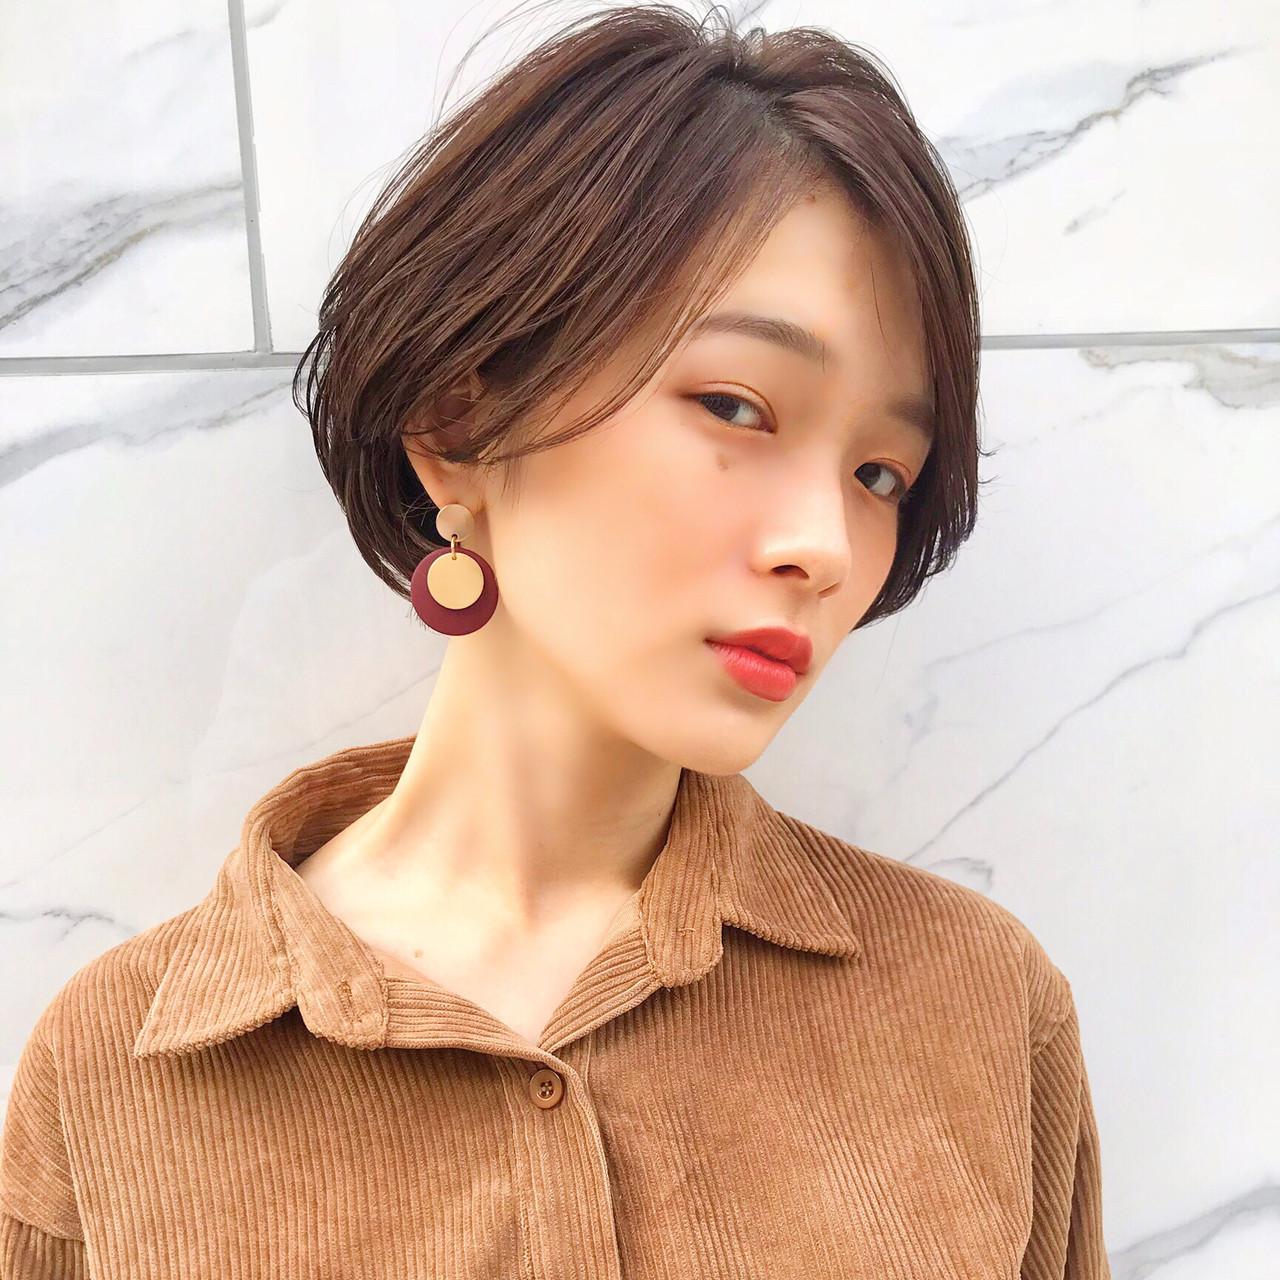 横顔美人の小顔ショート MANOHARU 新屋敷  MANOHARU